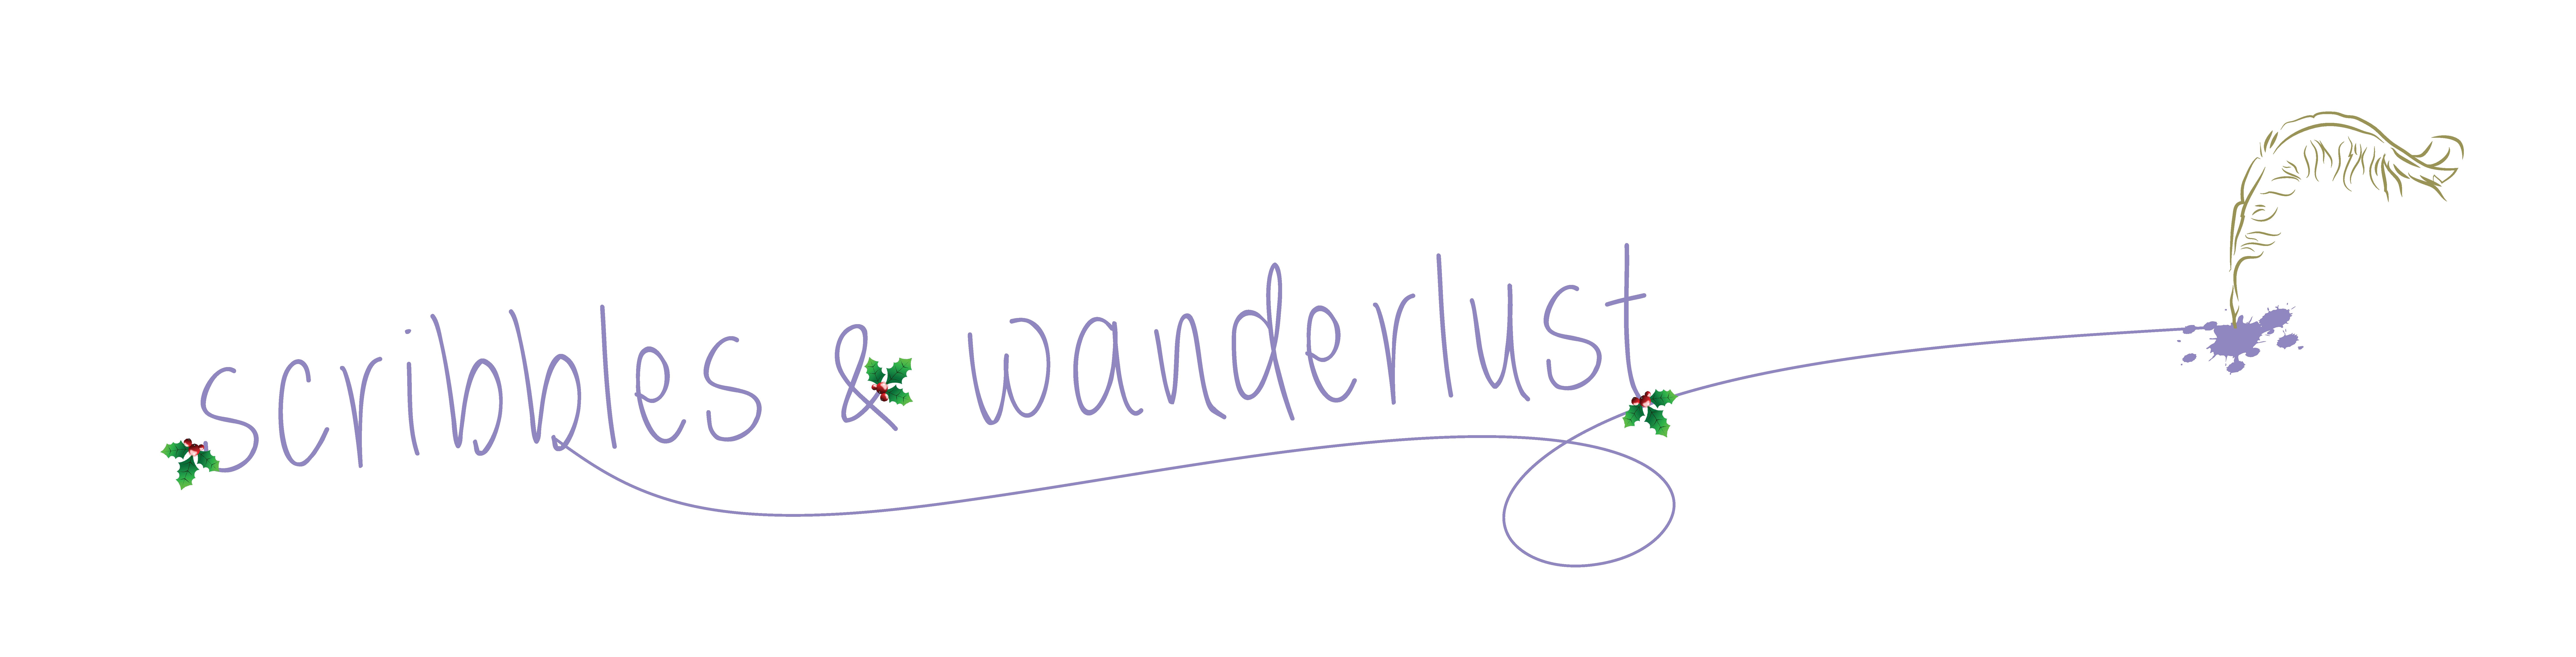 Scribbles & Wanderlust